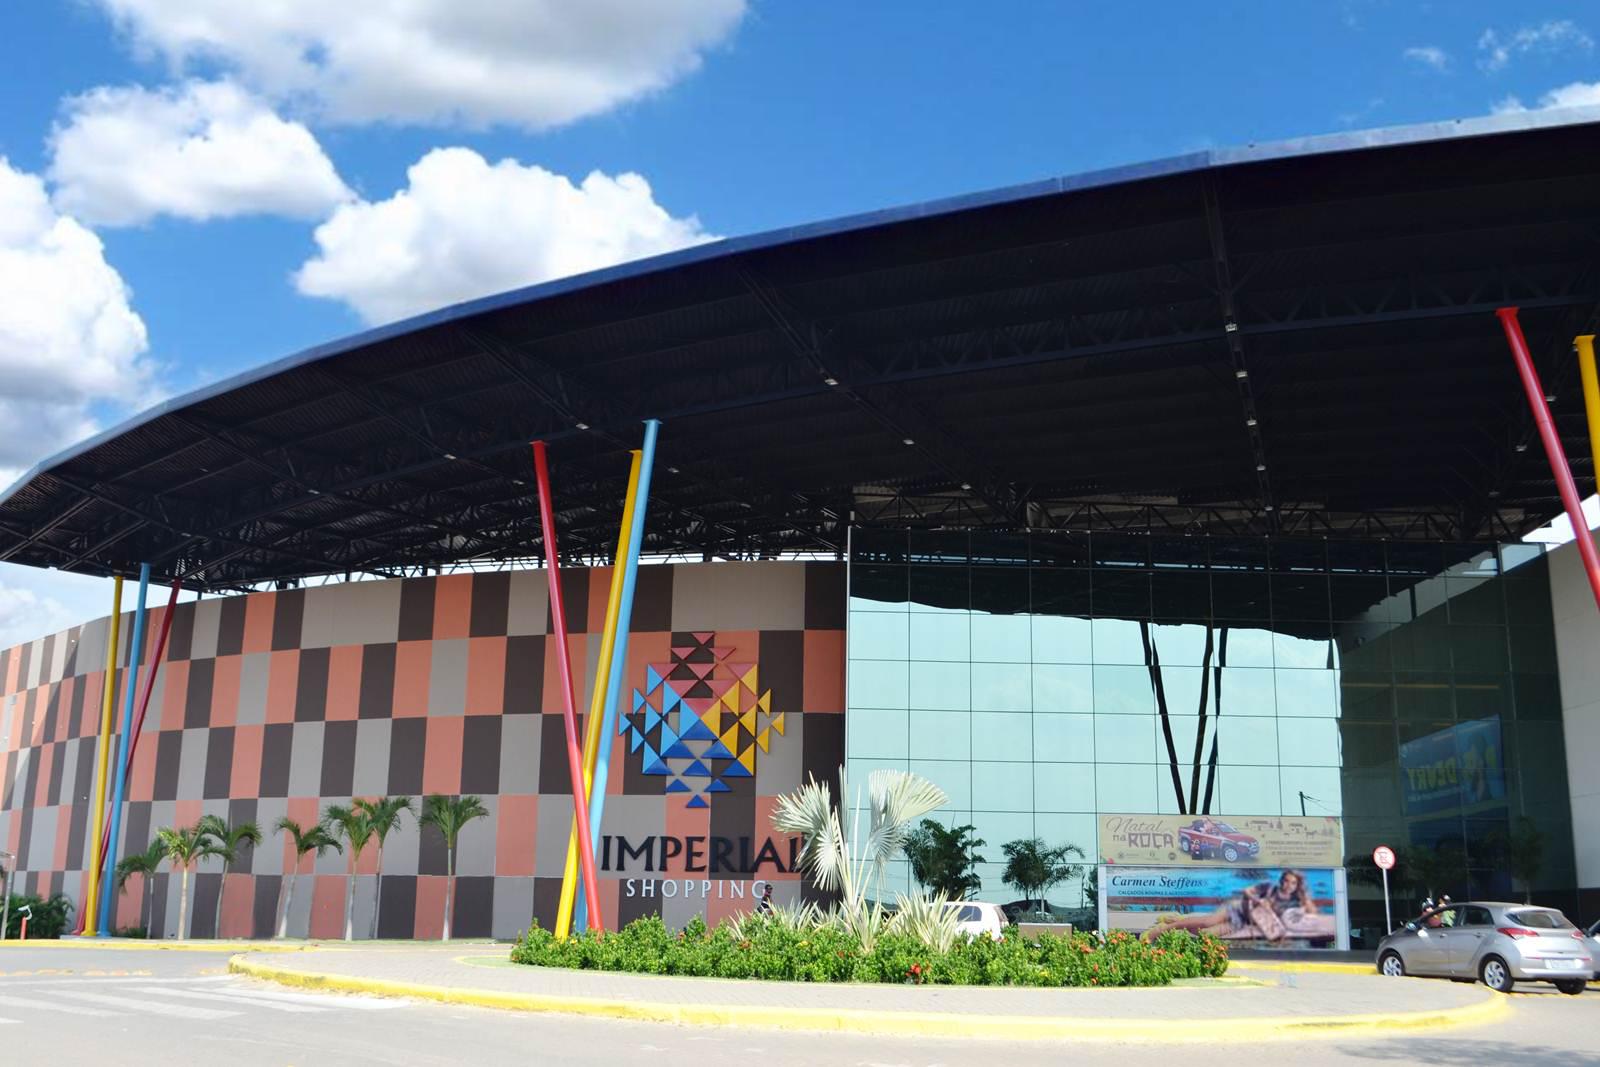 Fachada Imperial Shopping